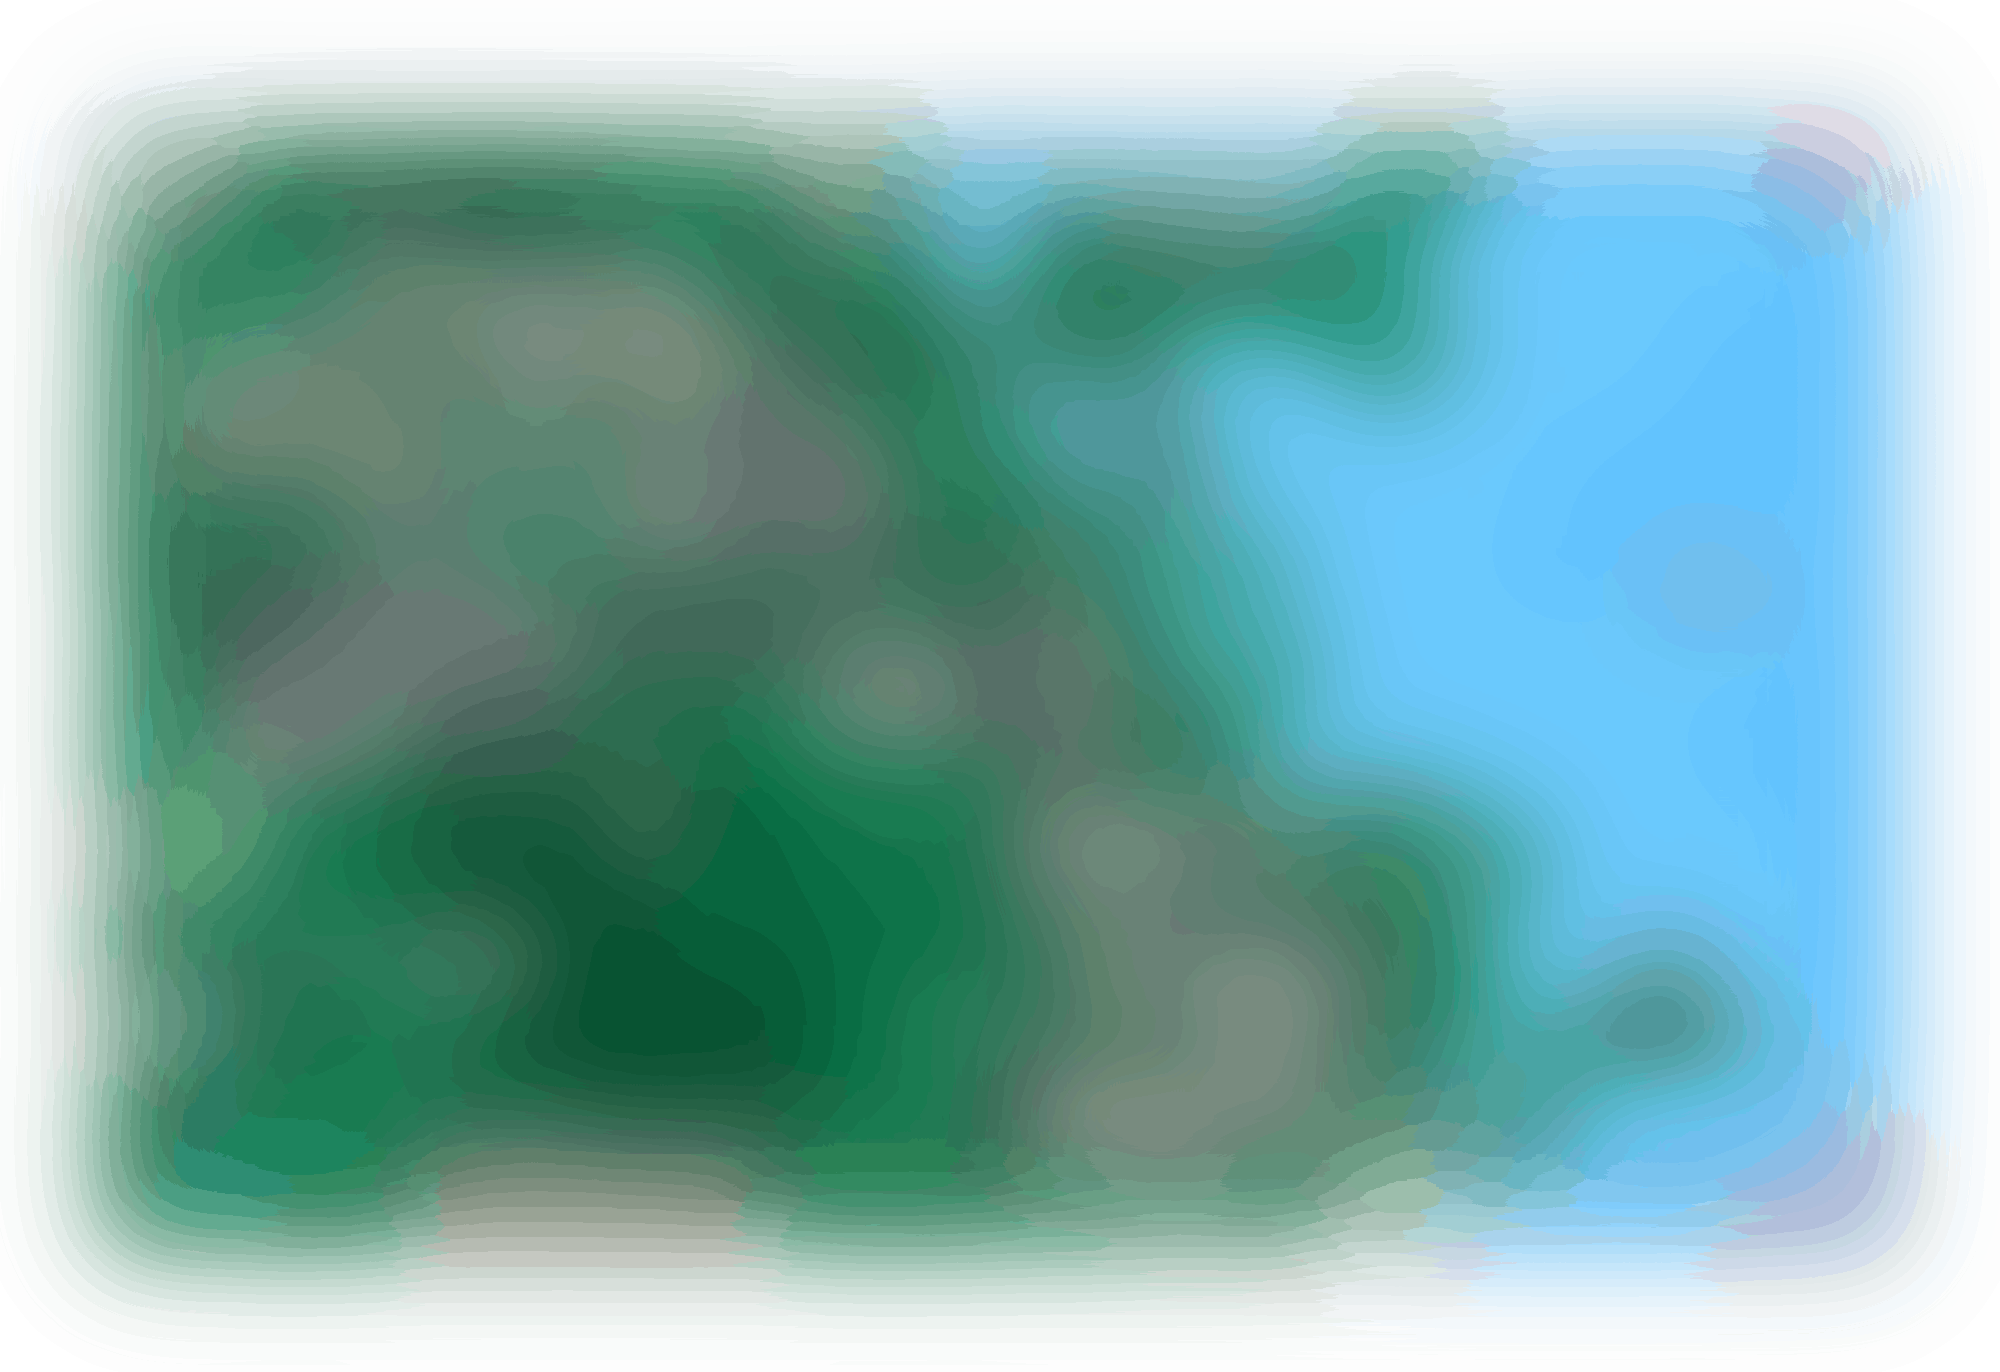 Rio2016 Interactive Map autocompressfitresizeixlibphp 1 1 0max h2000max w3 D2000q80s96effc57a952cf2a08c7fc985b200b54